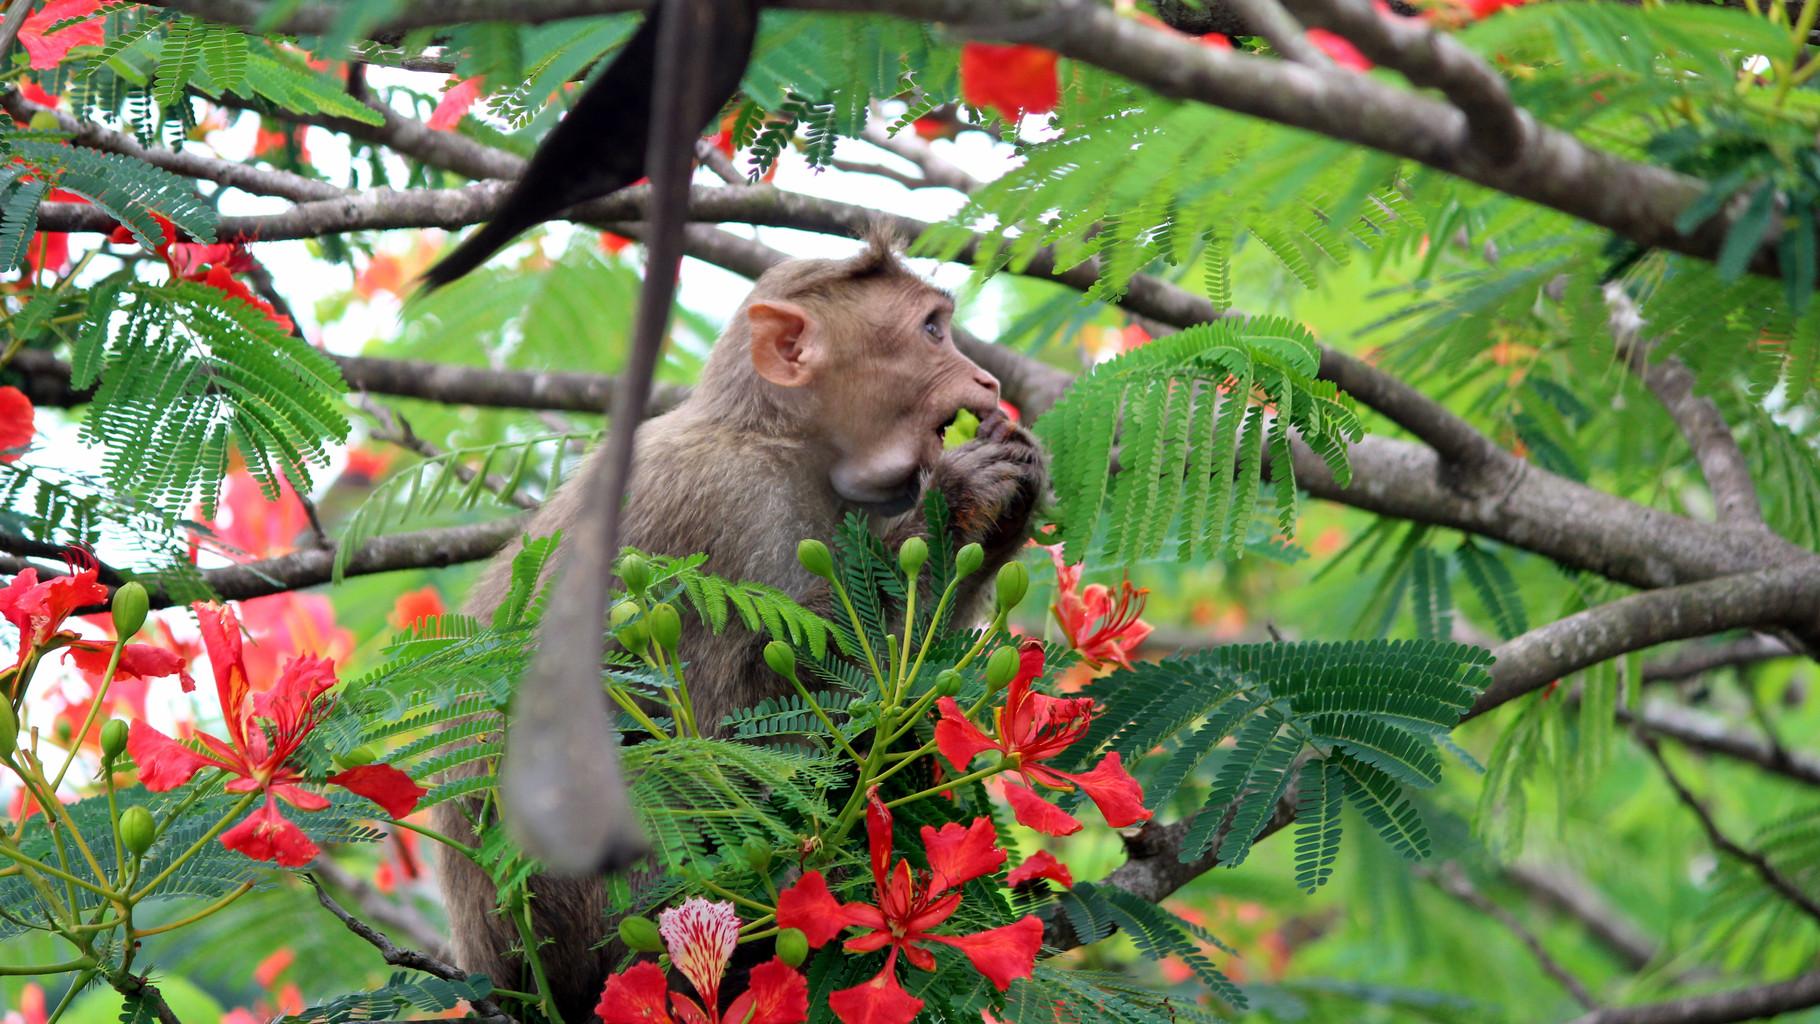 Macaco si alimenta con baccelli di Flamboyant.